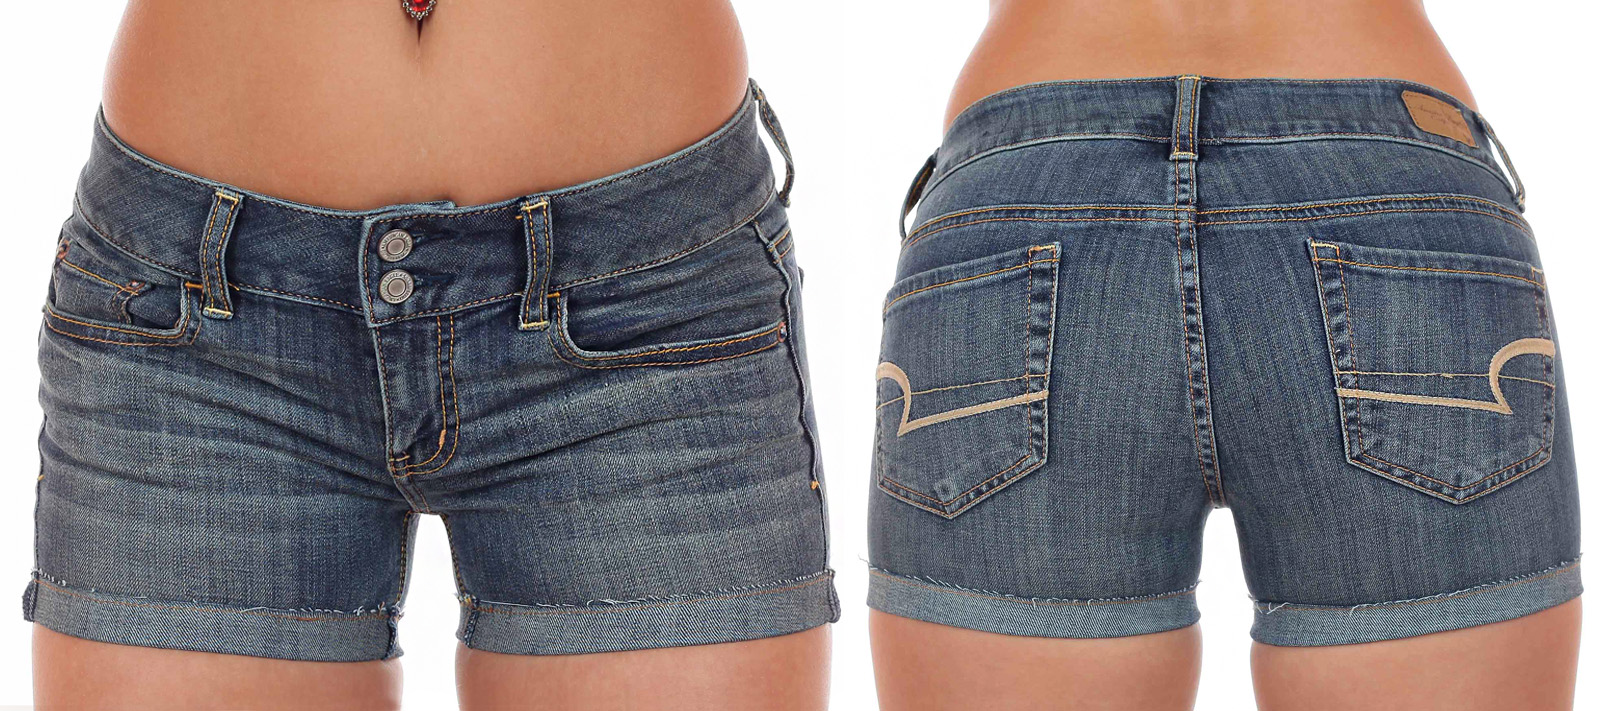 Джинсовые шорты с подворотом от дизайнеров American Eagle. Любимый фасон ЭМИЛИИ КЛАРК!